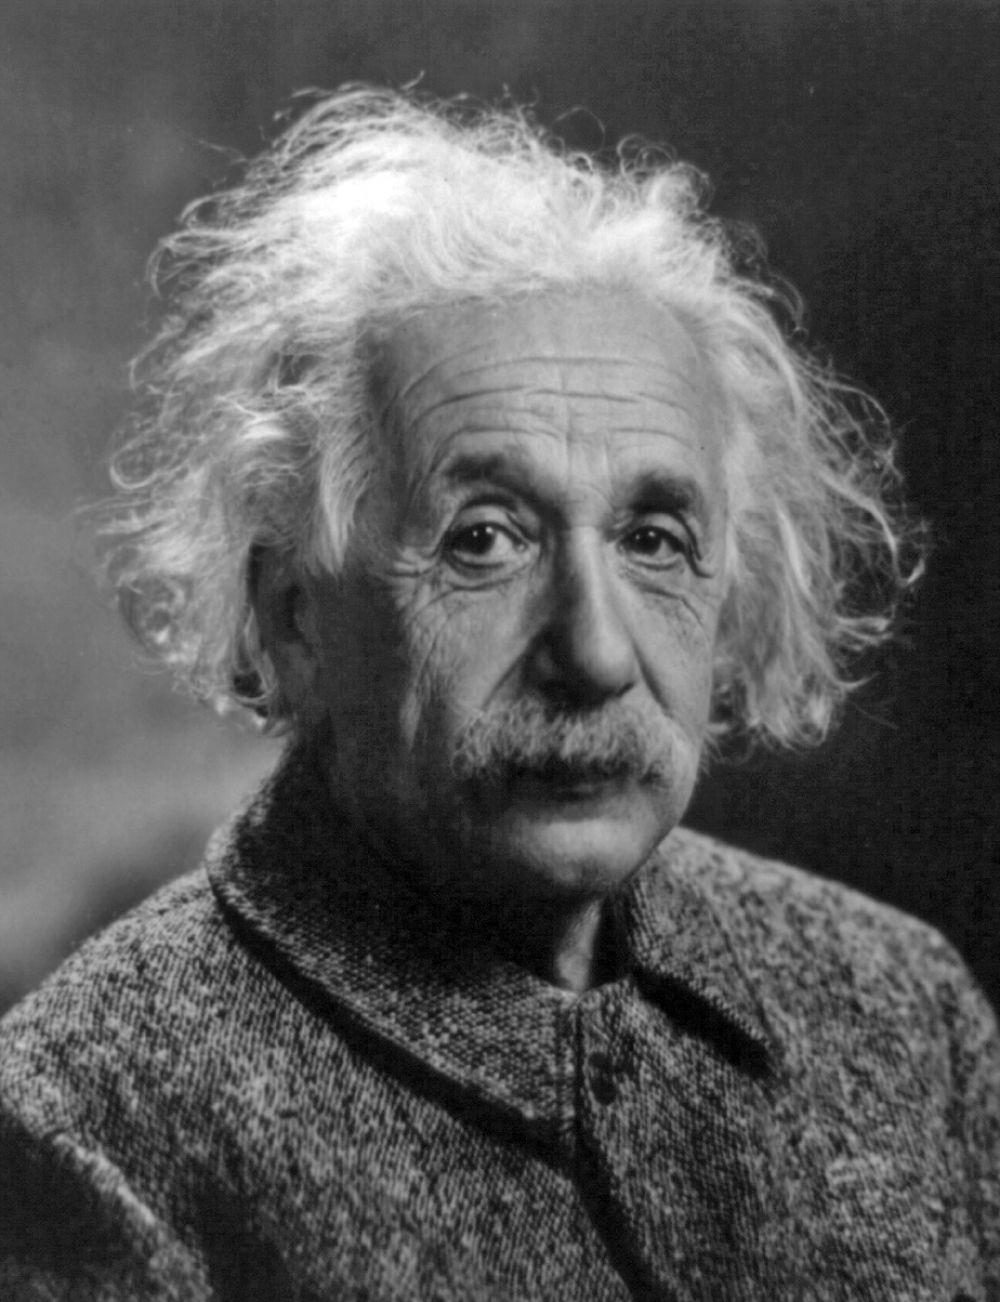 Альберт Эйнштейн скончался 18 апреля 1955 года от аневризмы аорты. По предсмертному распоряжению учёного, место и время захоронения не разглашались. Процедура кремации состоялась на следующий день в присутствии двенадцати самых близких друзей.